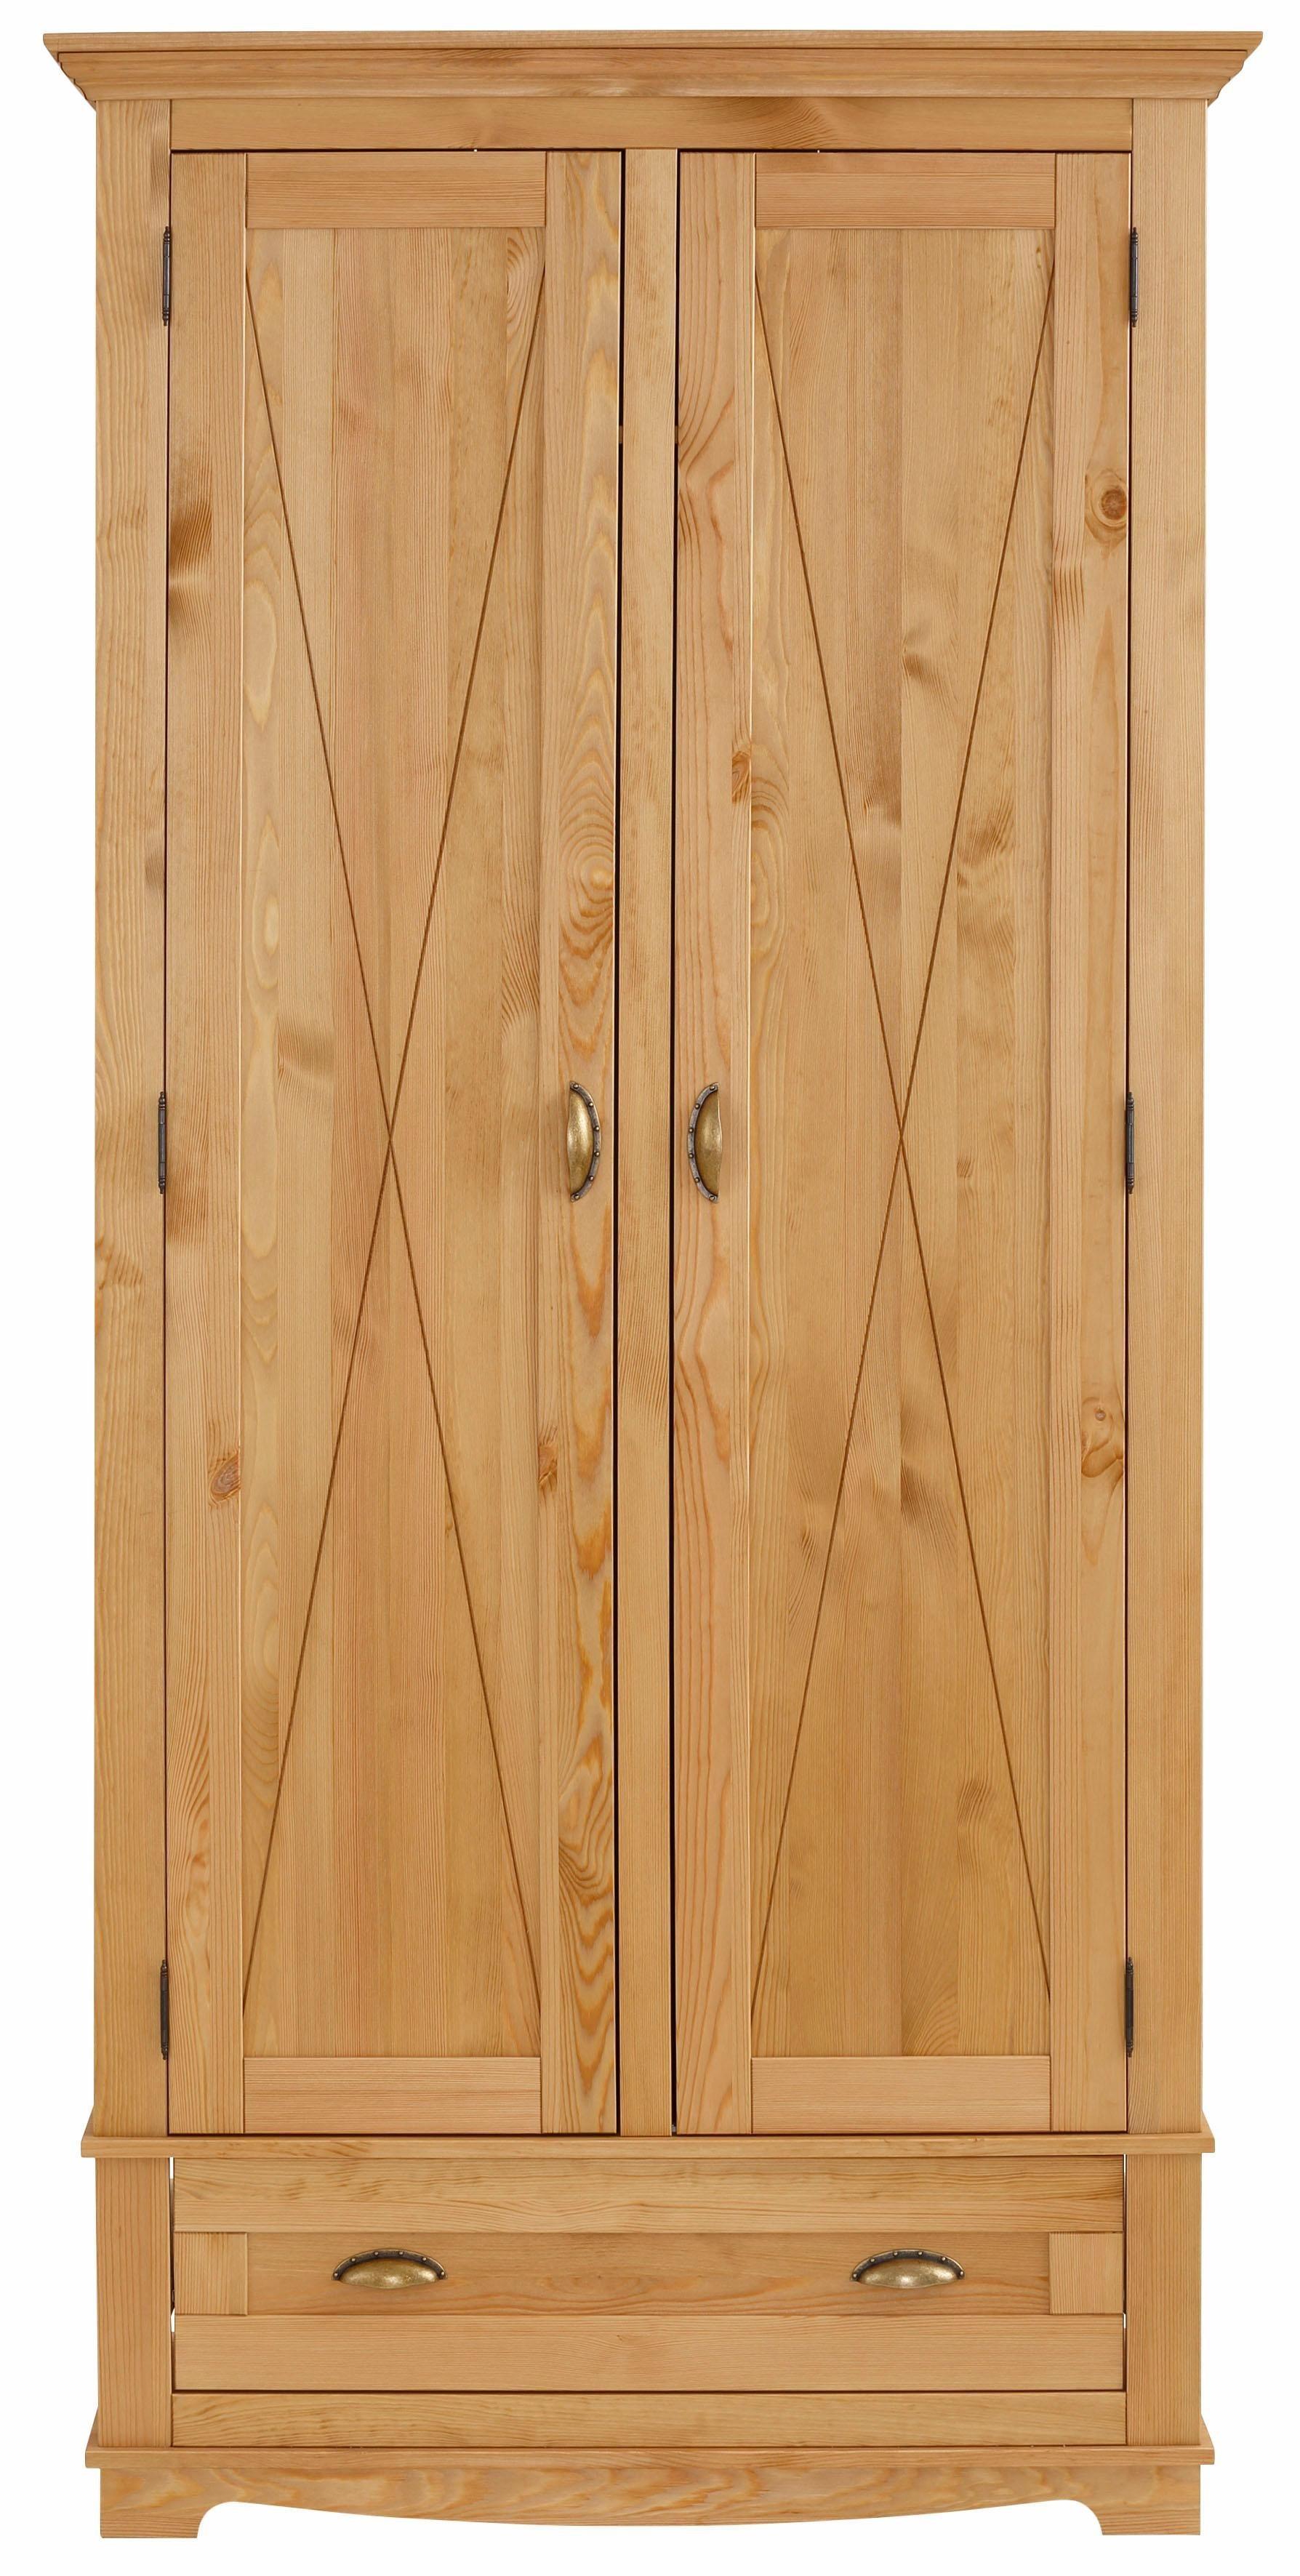 Home affaire Garderobenschrank »Alva«, Vereint Design, Qualität und Nutzen gekonnt